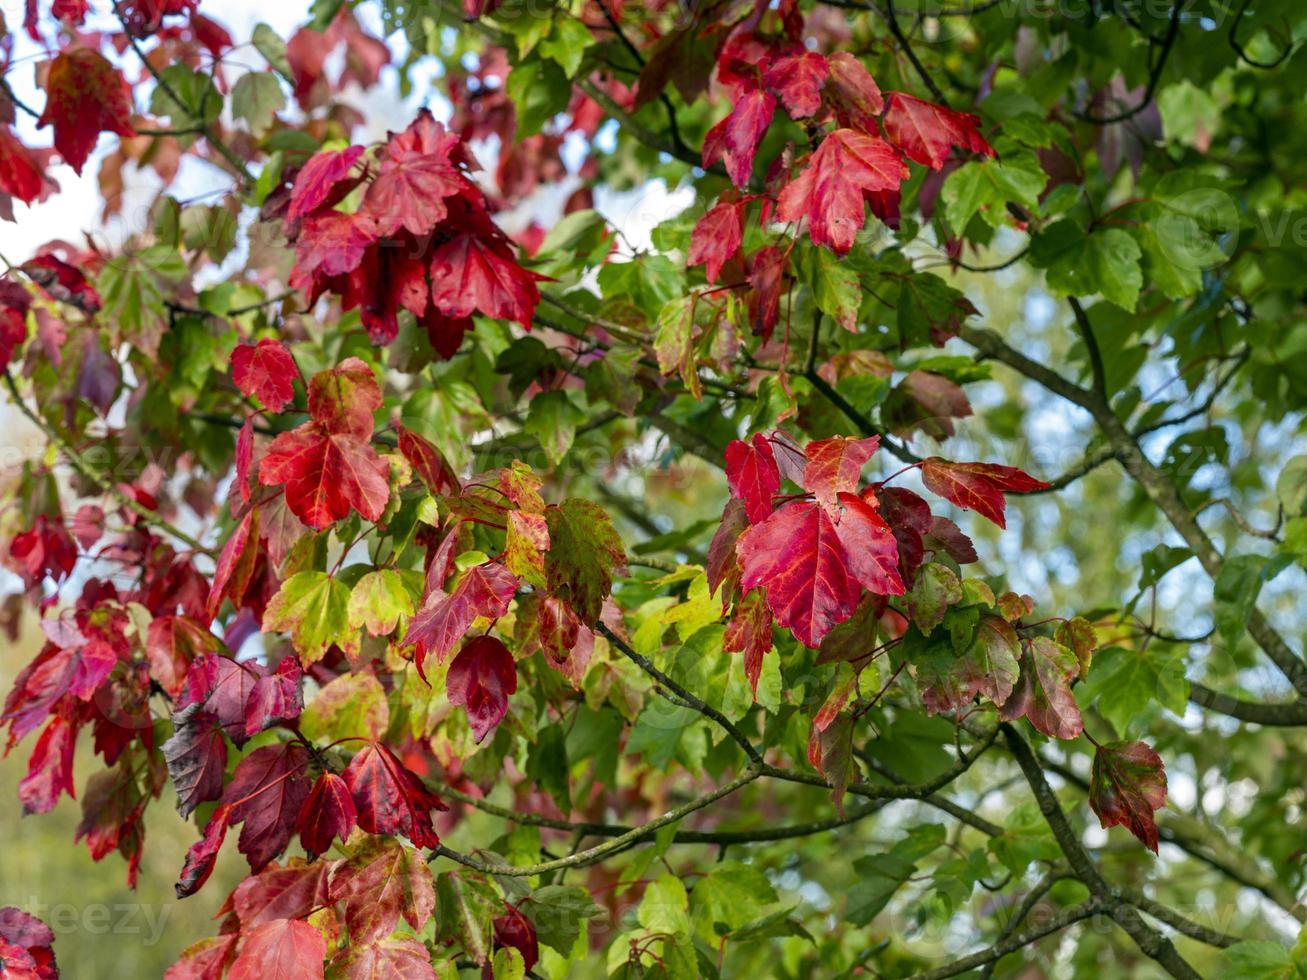 kleurrijke esdoorn bladeren aan een boom in de herfst foto